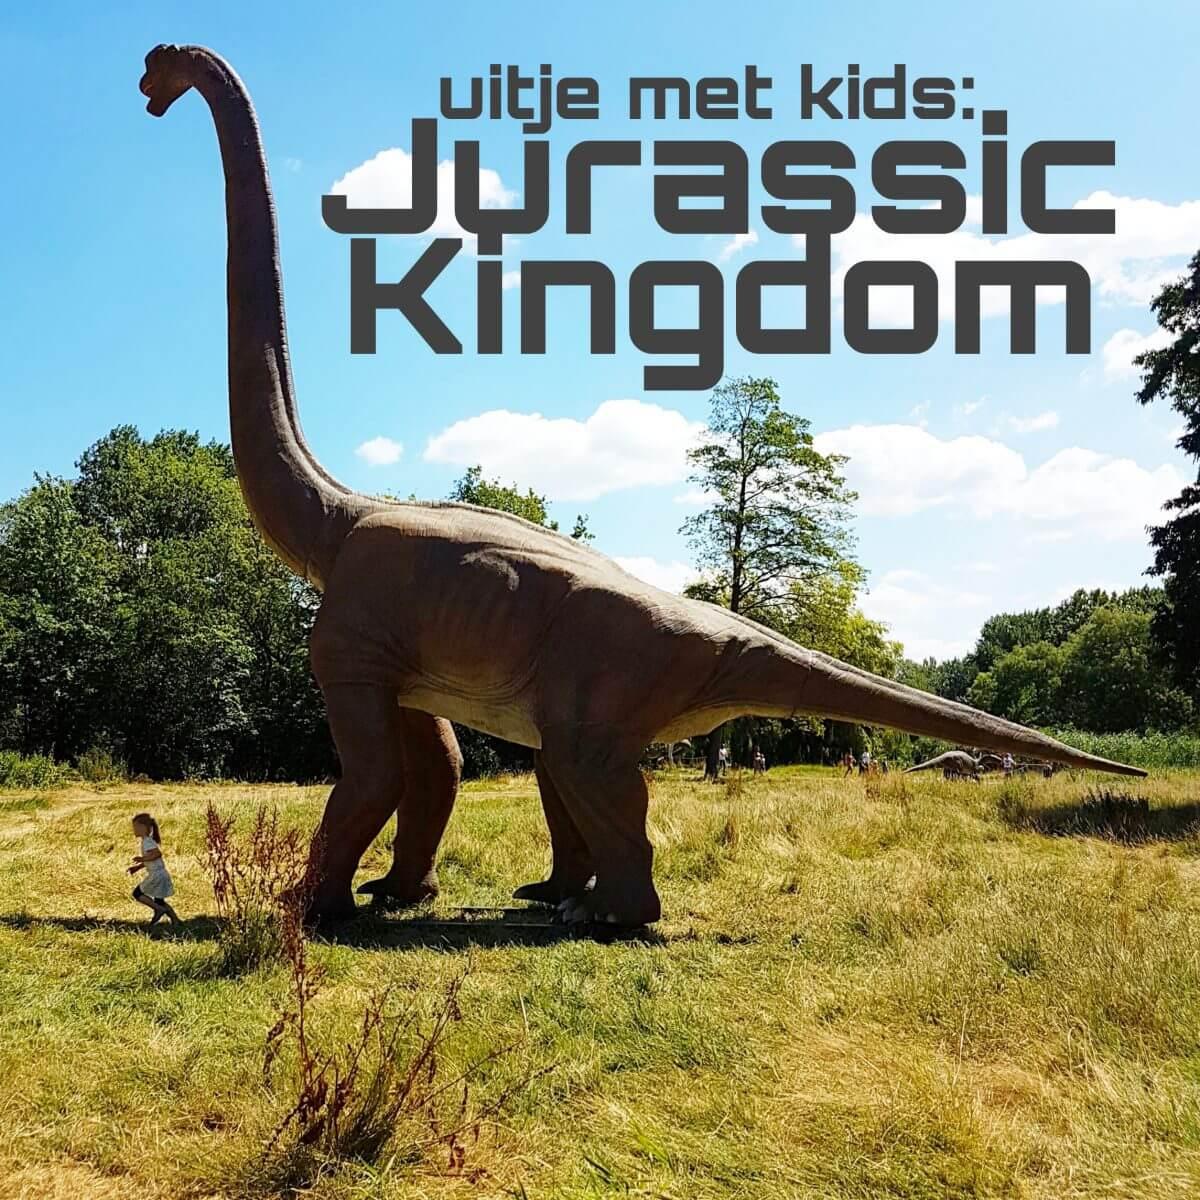 Uitje met kids: dino's kijken bij Jurassic Kingdom en daarna naar de speeltuin #leukmetkids #lekkerwegineigenland #Schiedam #Rotterdam #dinosaurus